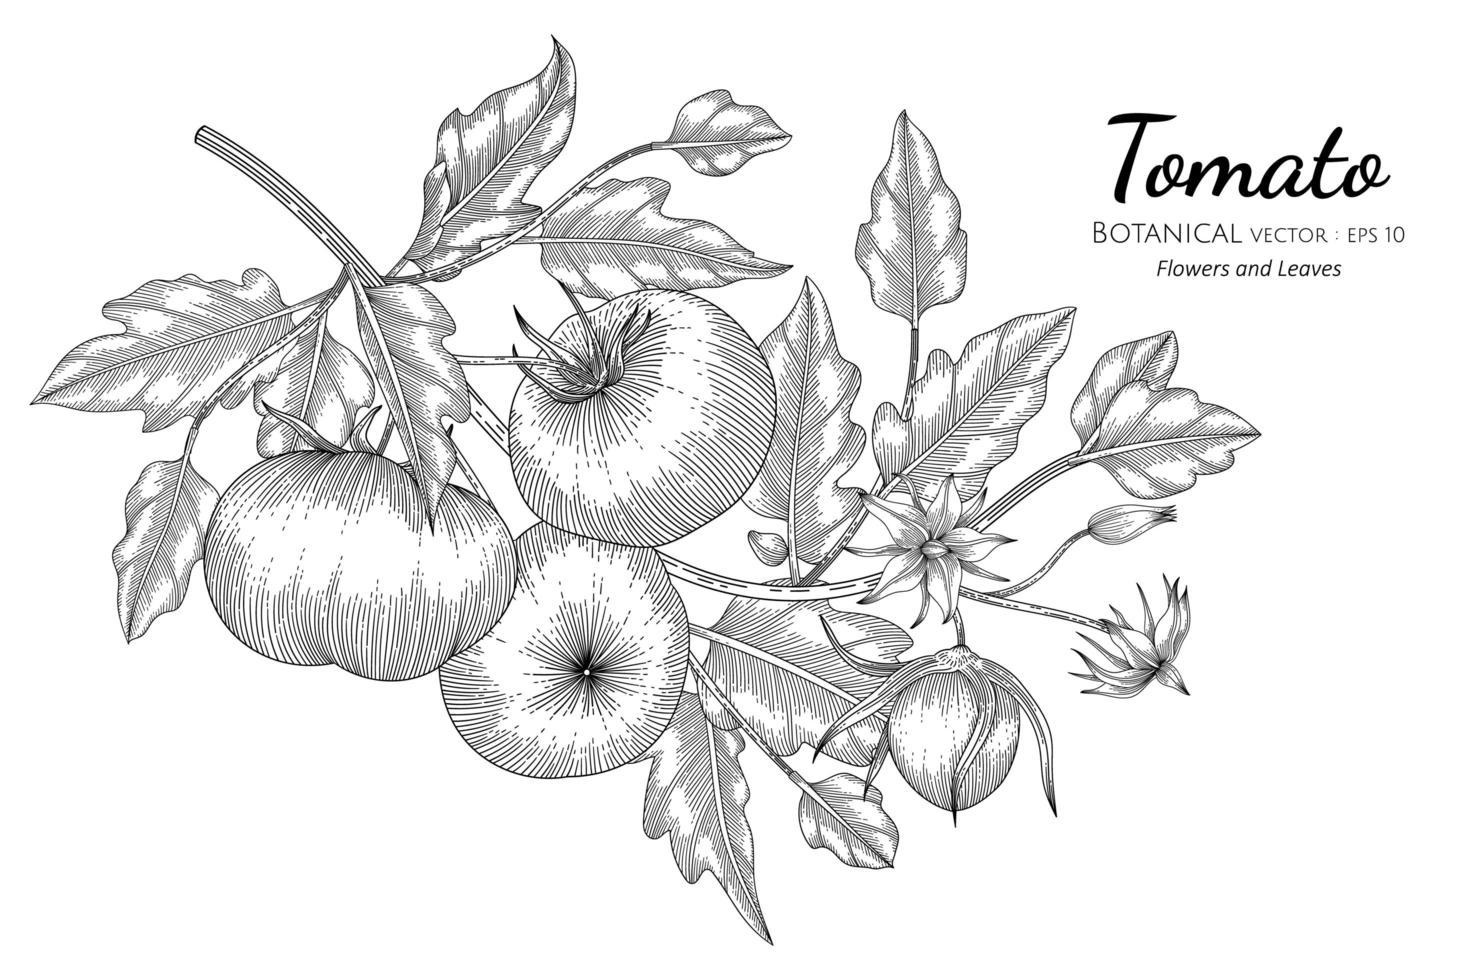 arte de linha de ramos de tomate desenhada à mão vetor